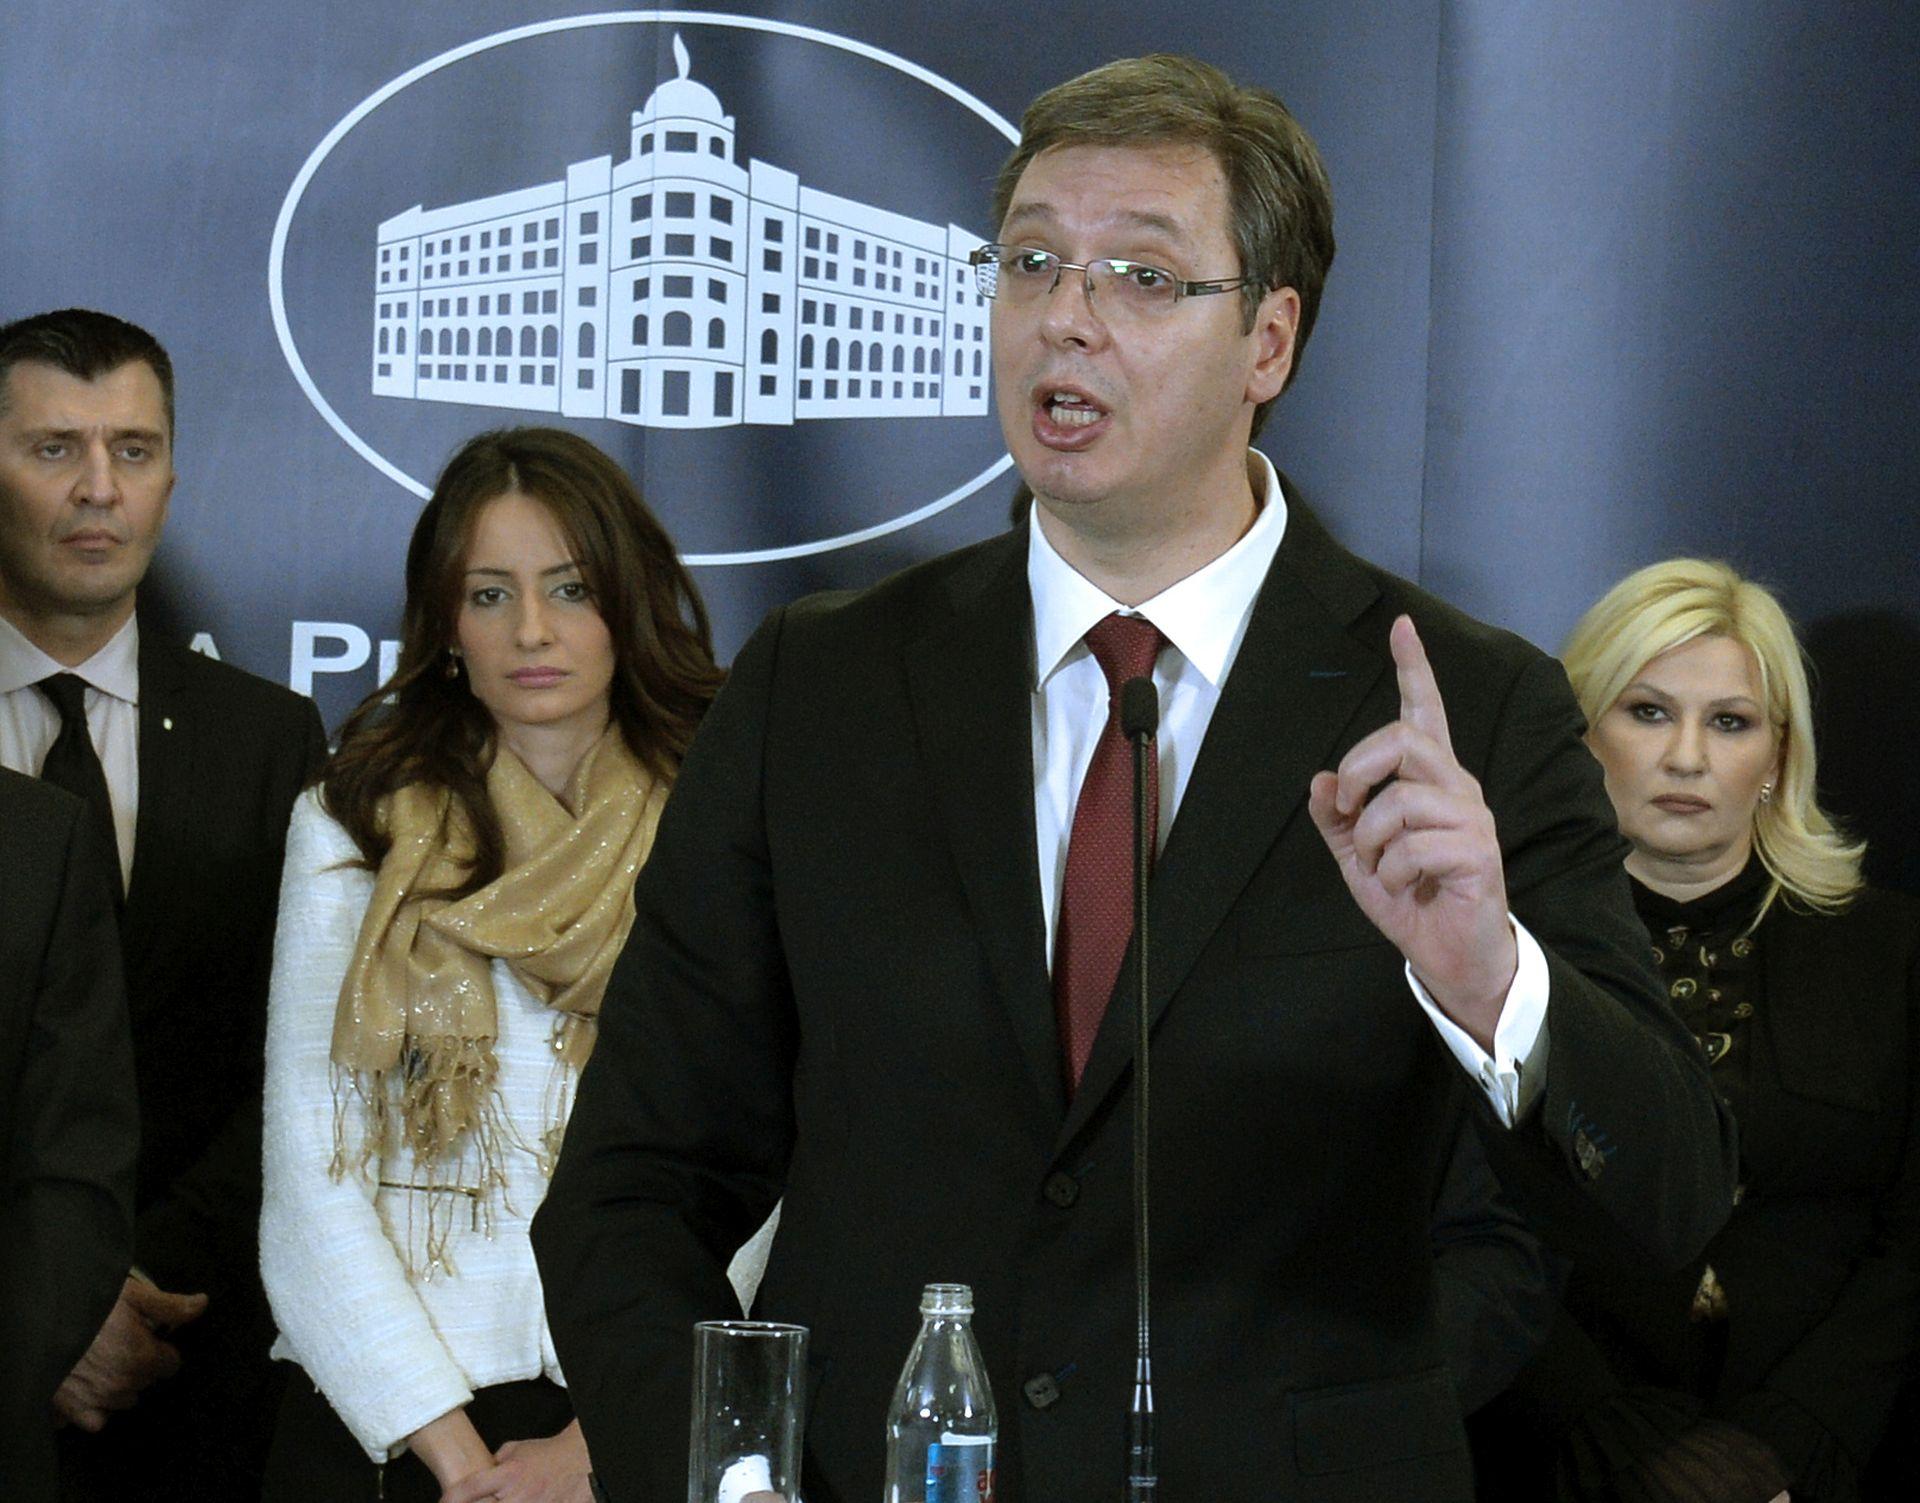 """SRPSKI ZAŠTITNIK GRAĐANA: Vučić pokazuje """"znakove totalitarnosti i mržnje"""""""